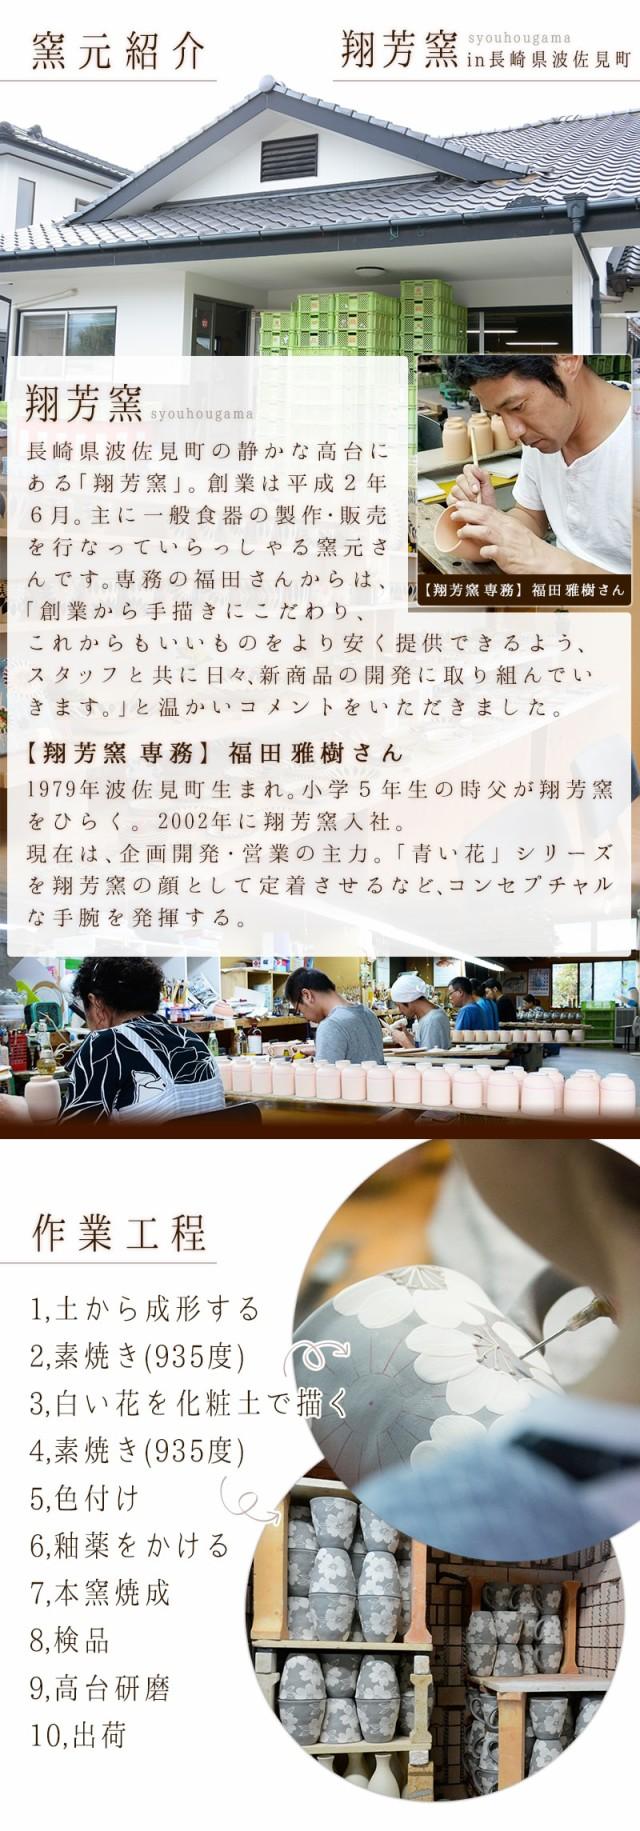 窯元紹介。長崎県波佐見町の静かな高台にある『翔芳窯』。主に一般食器の製作・販売を行なっている窯元さんです。